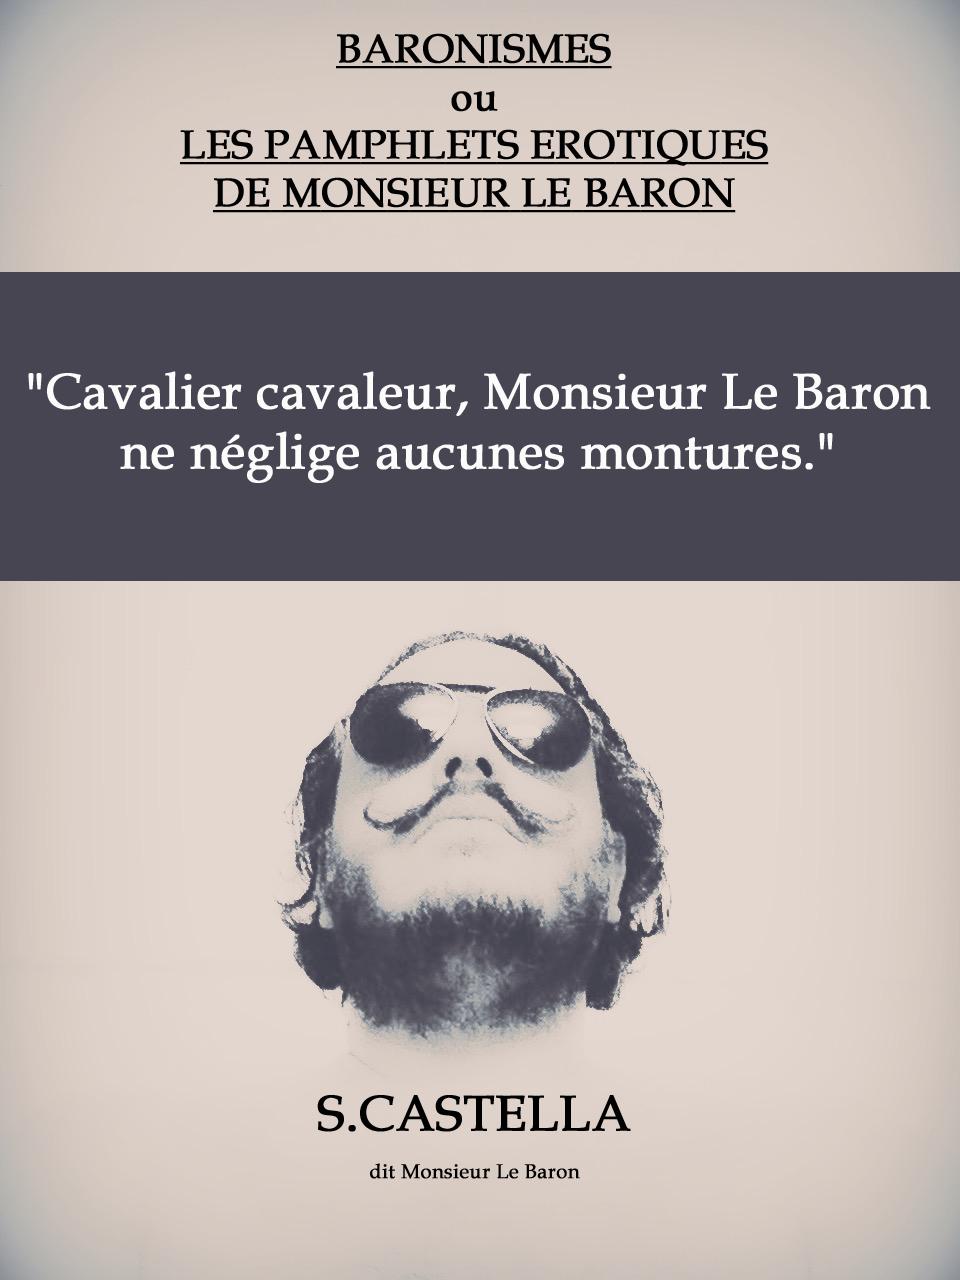 castella-baronisme14